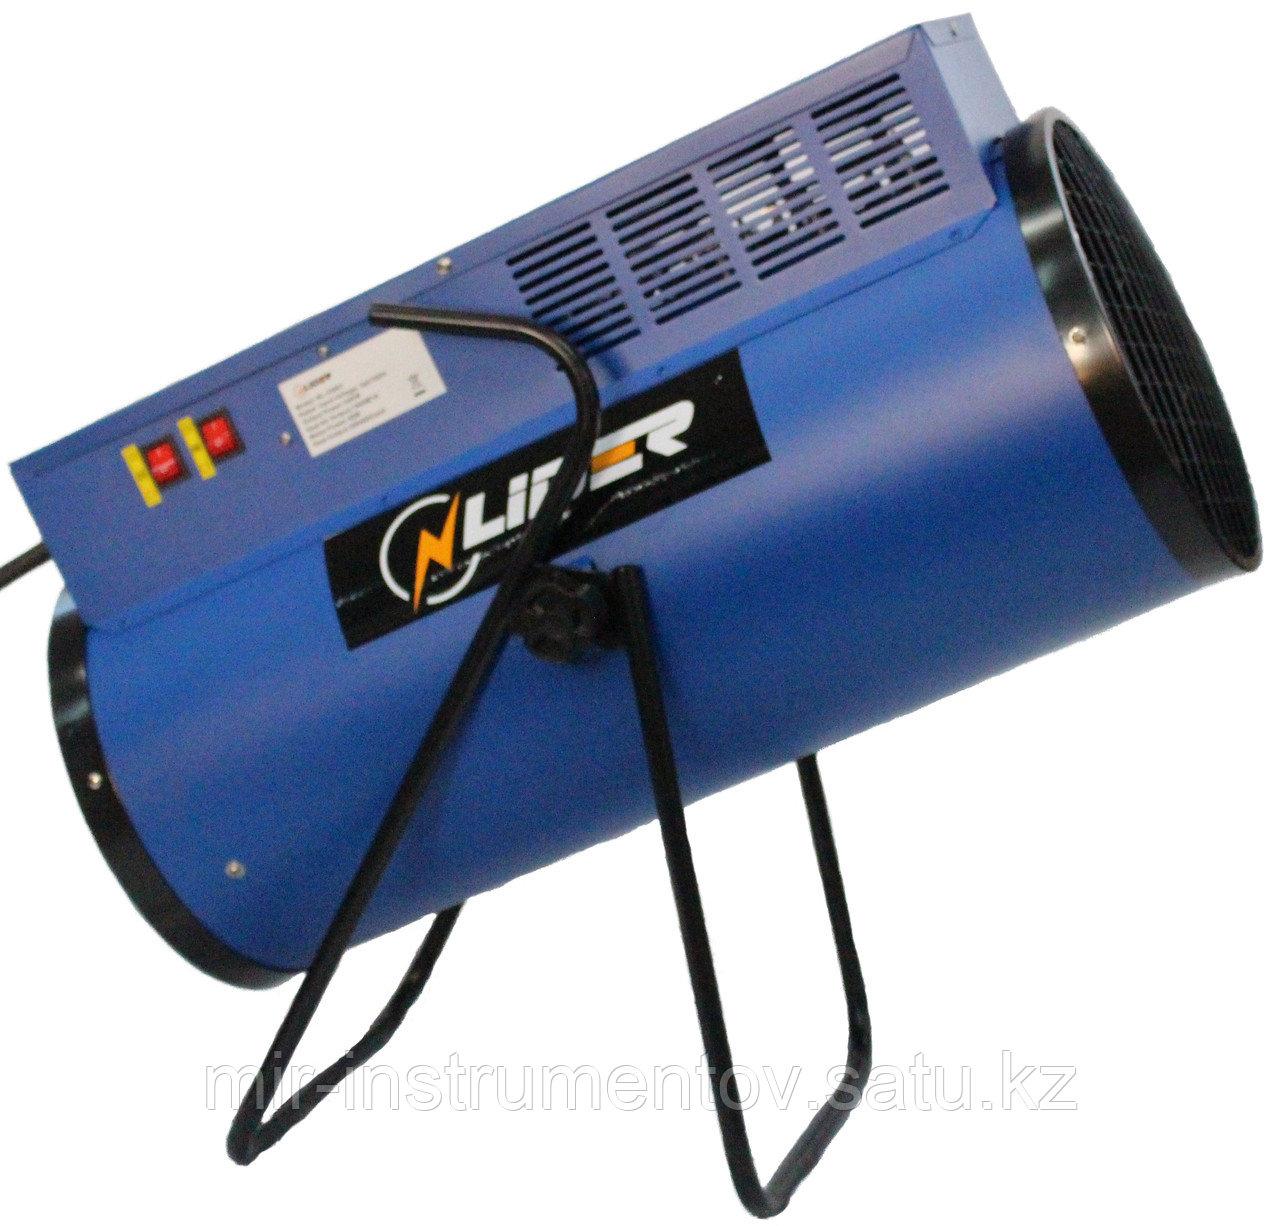 Электрическая тепловая пушка Nlider 15 кВт - фото 1